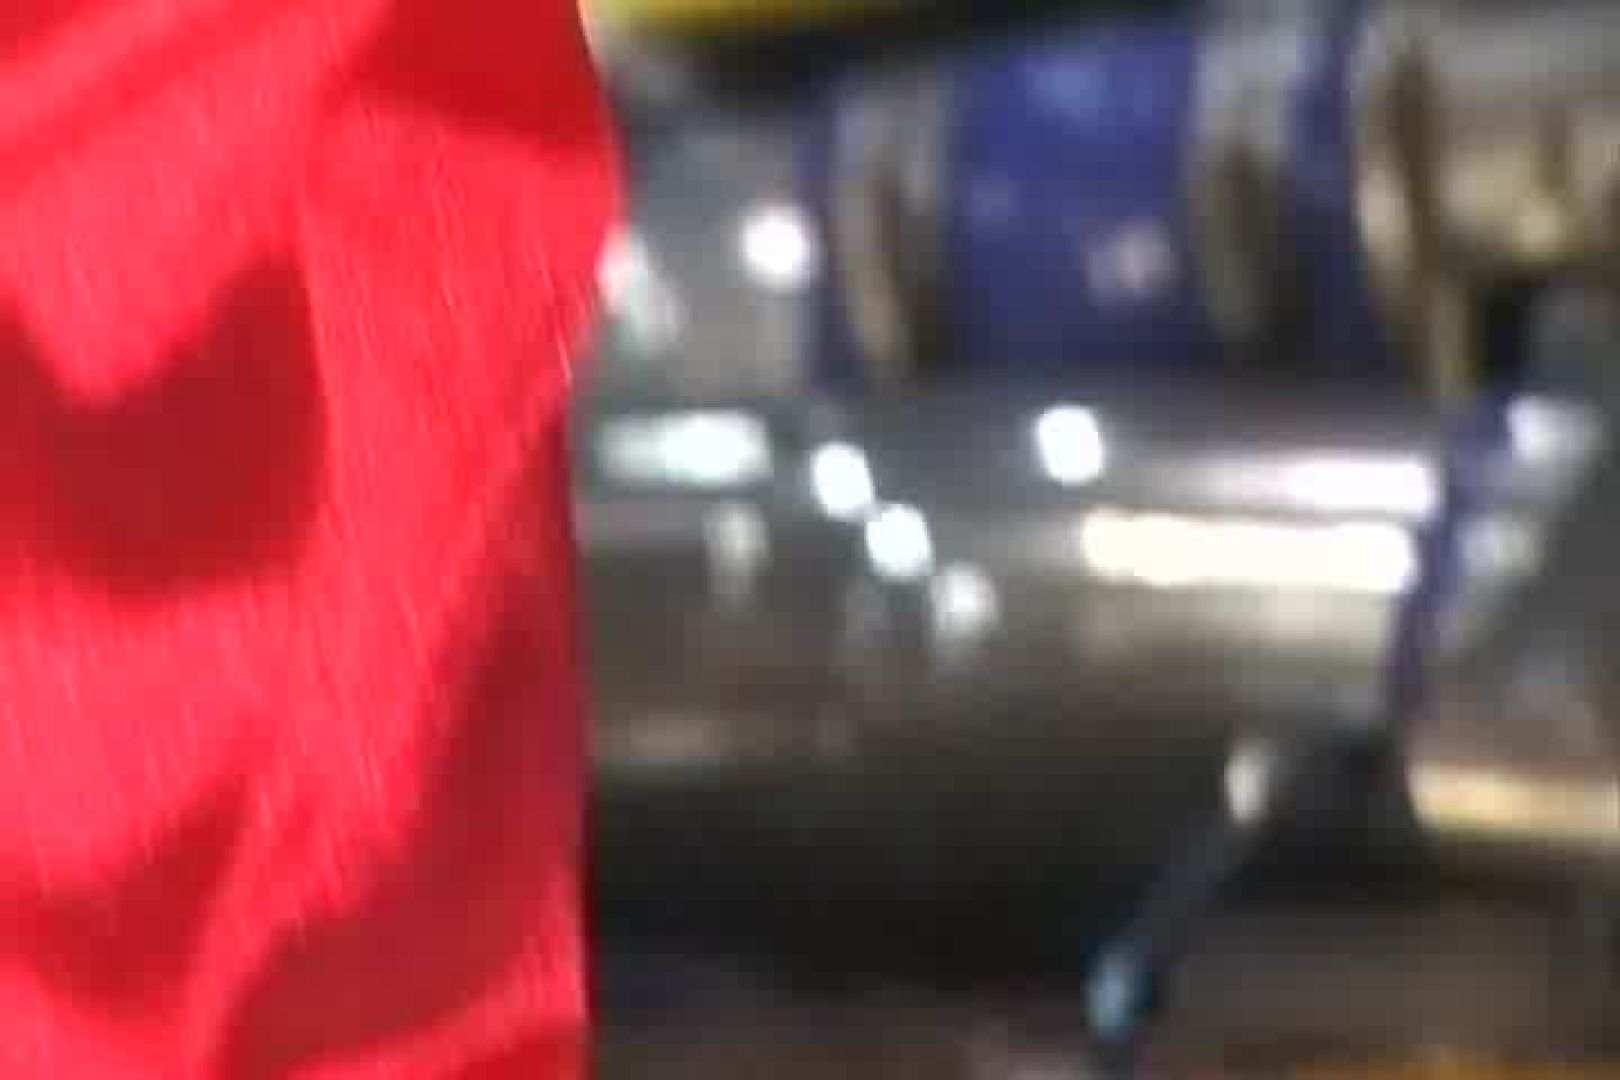 RQカメラ地獄Vol.22 OLエロ画像 隠し撮りおまんこ動画流出 43PICs 2